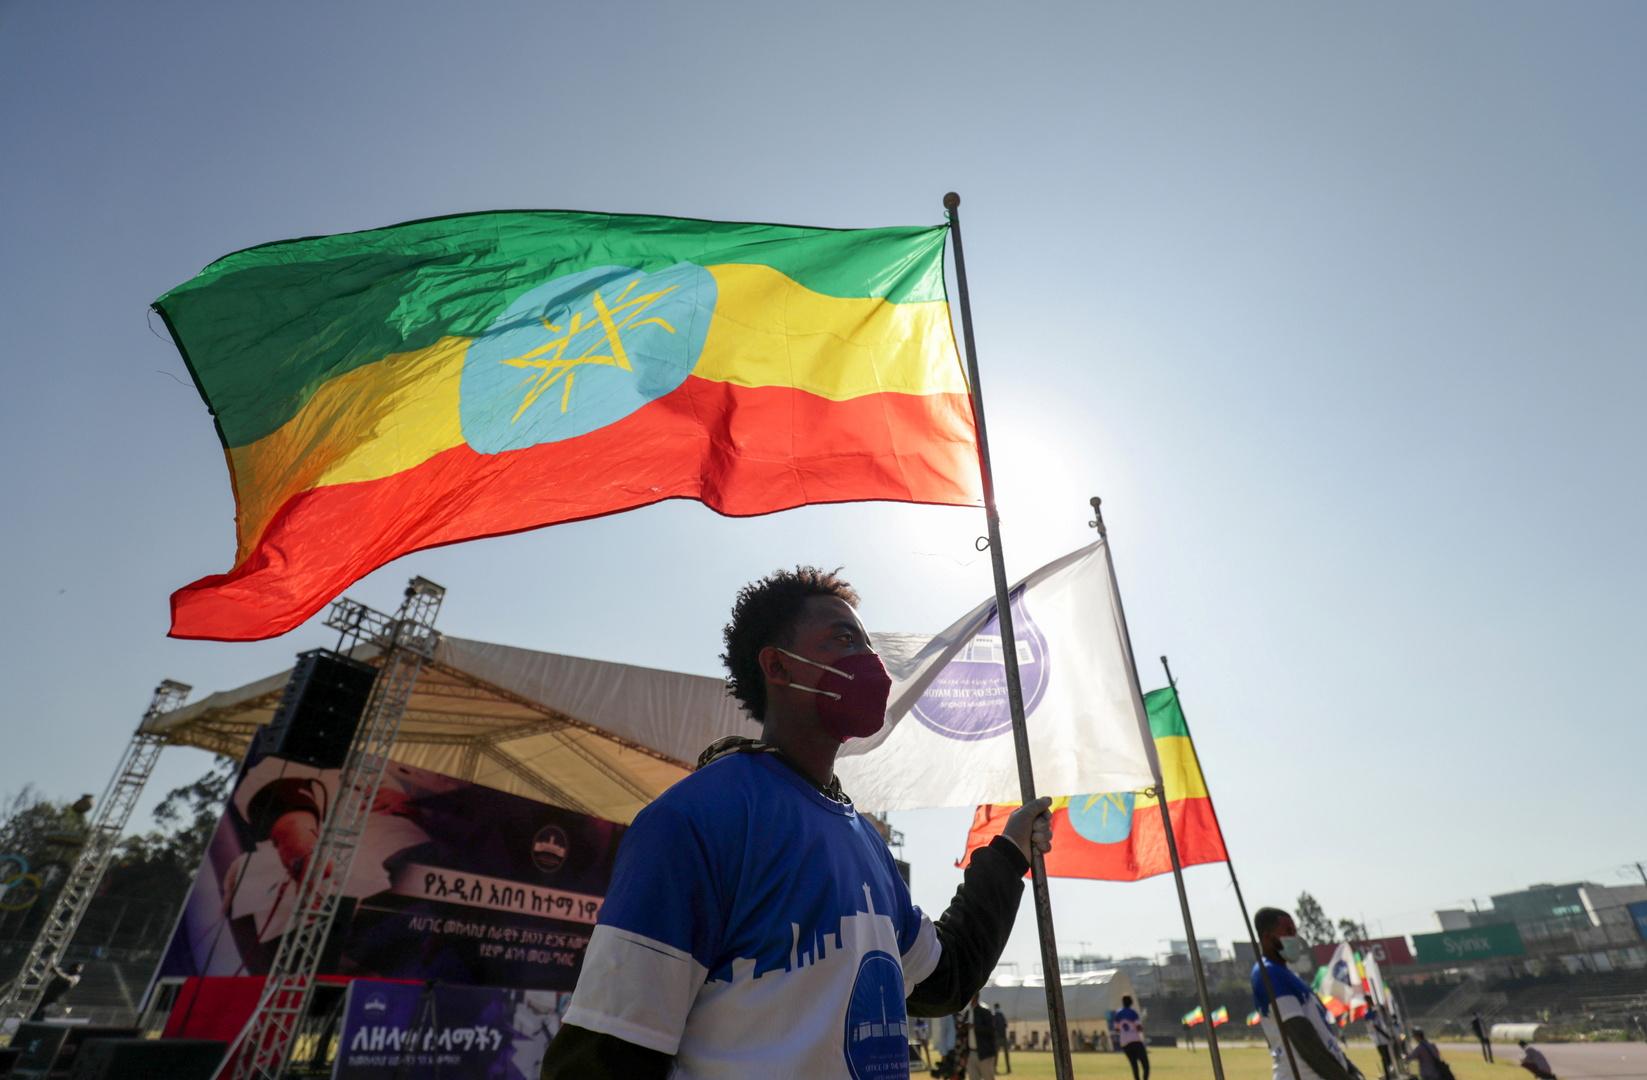 إدارة بايدن تتجه لمعاقبة مسؤوليين إثيوبيين